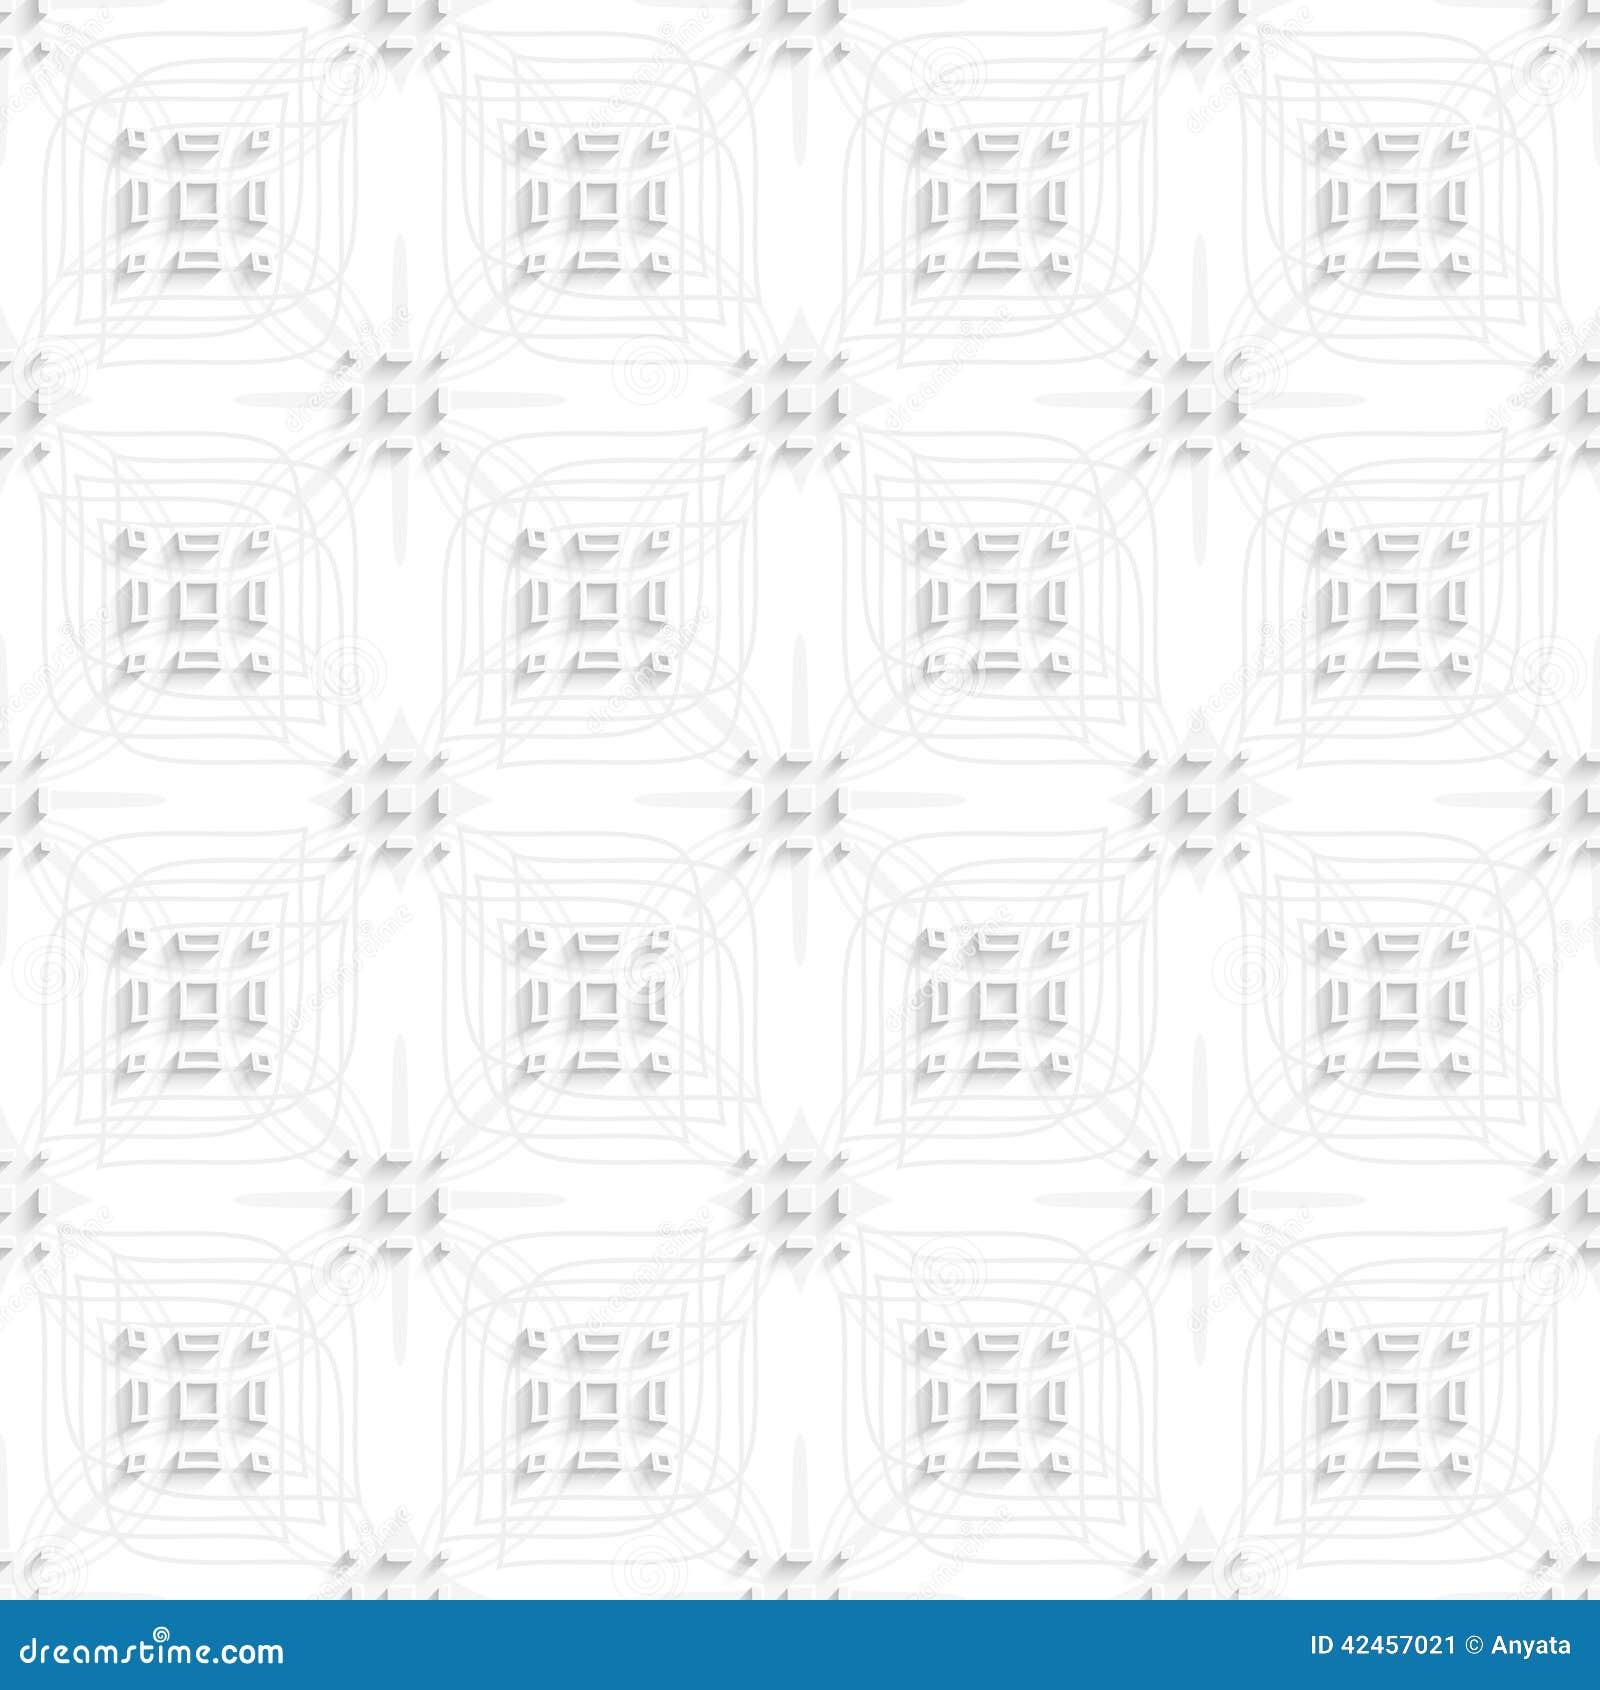 Weiße Rechteckgruppen auf der grauen Verzierung nahtlos